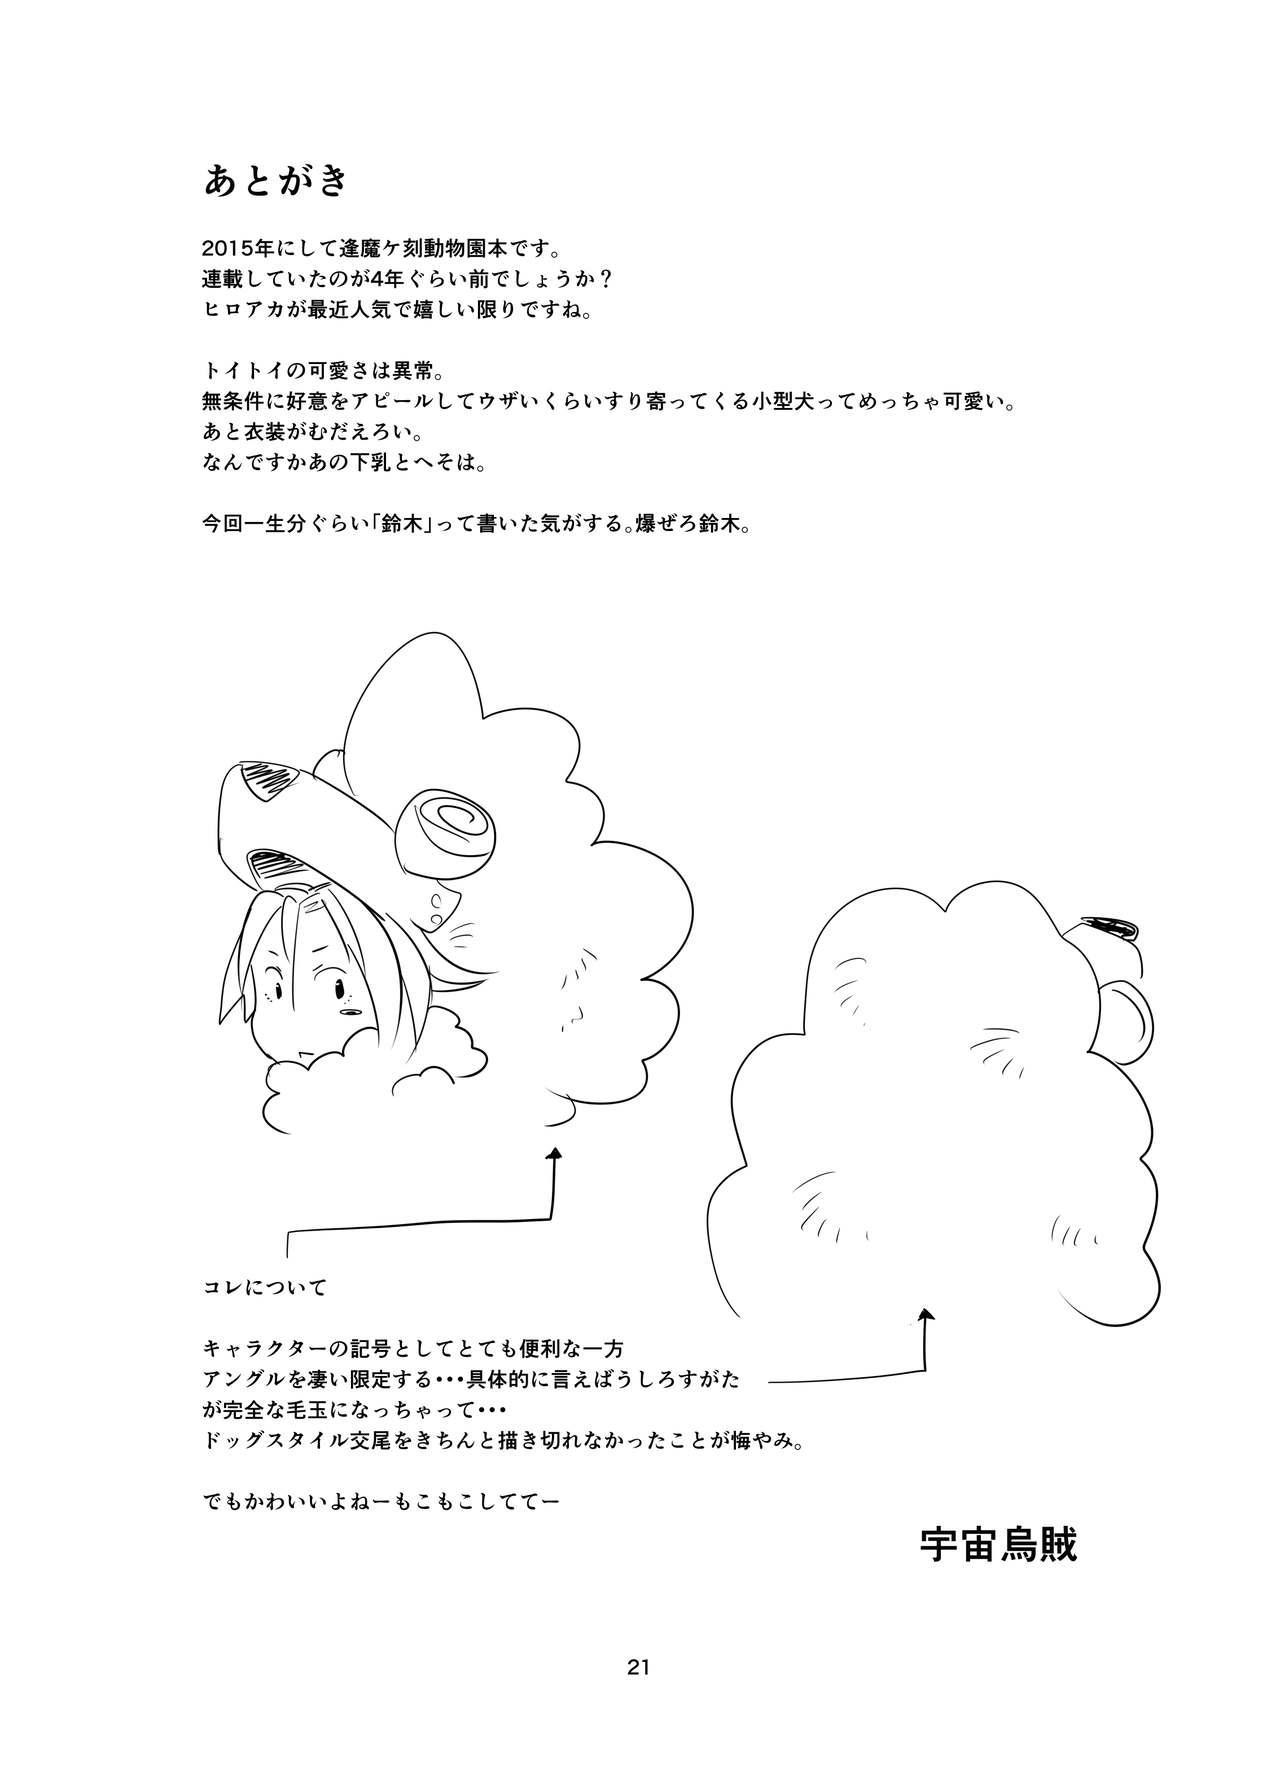 Inu no Kimochi 20